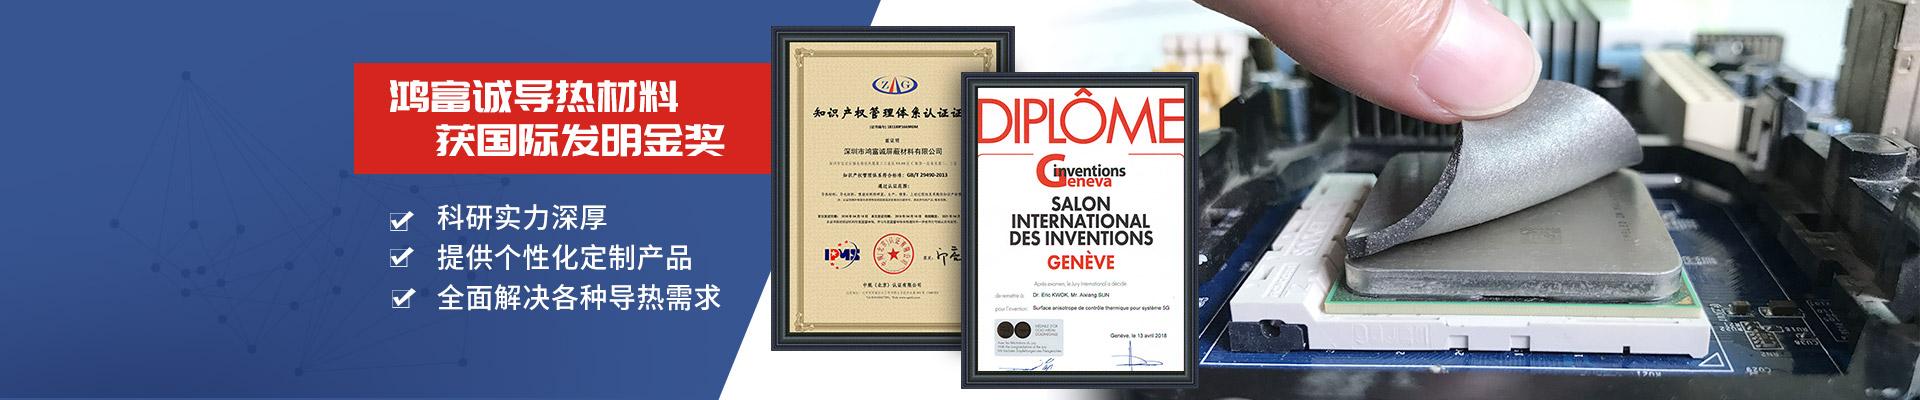 鸿富诚导热材料获国际专利认证